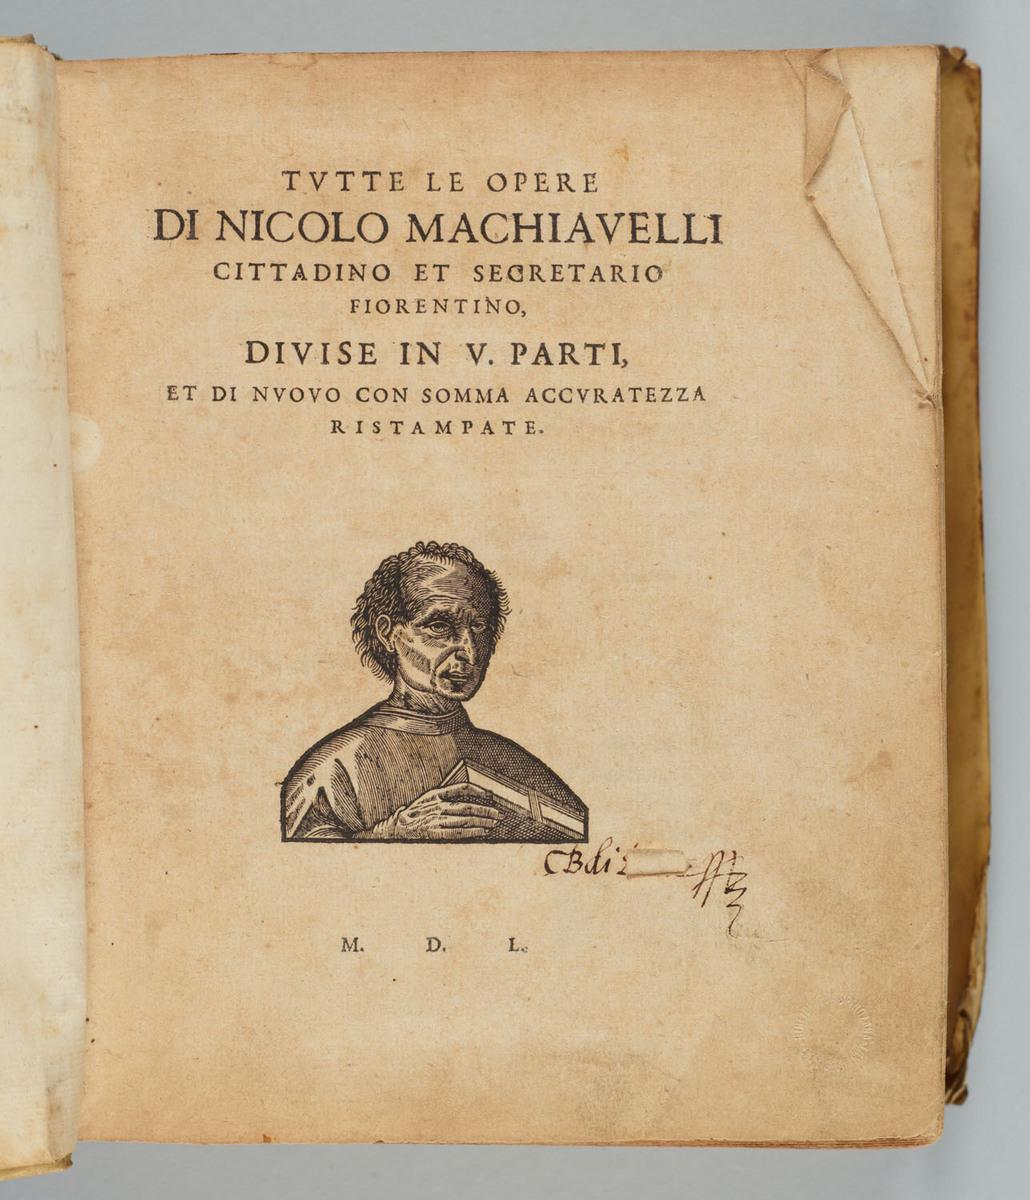 Tvtte le opere di Nicolo Machiavelli